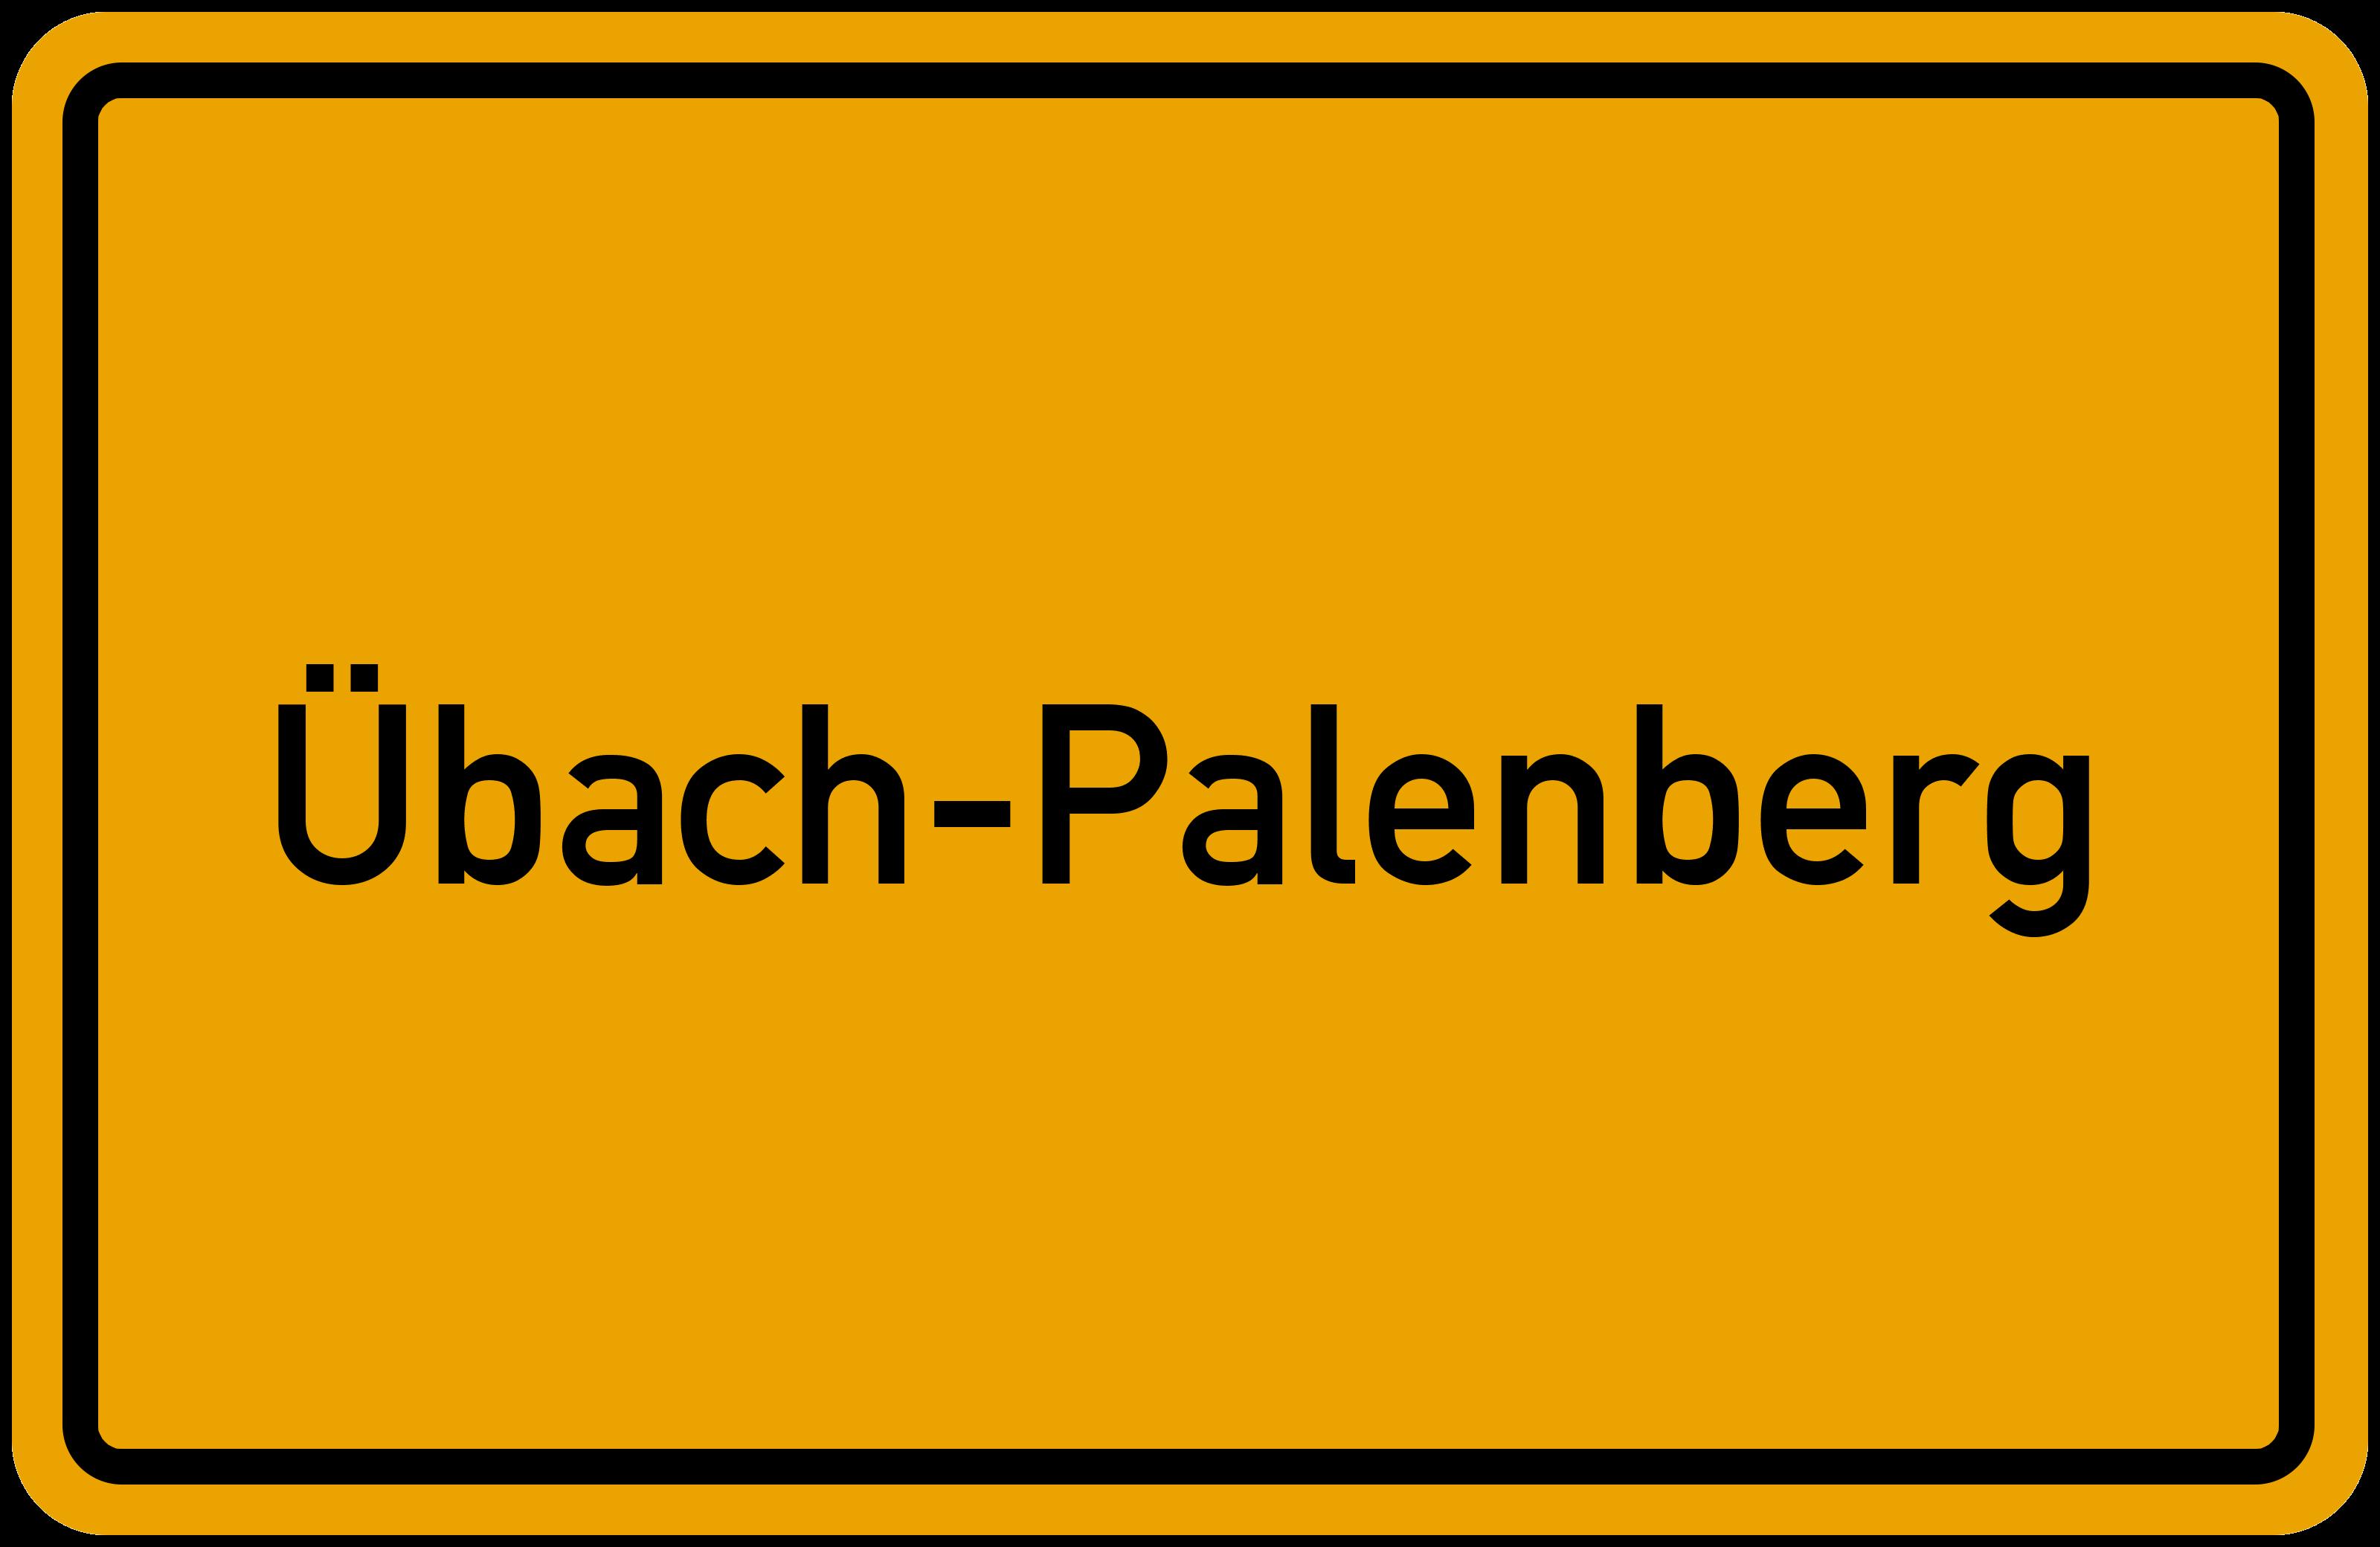 Ortsschild Ubach Palenberg Kostenlos Download Drucken